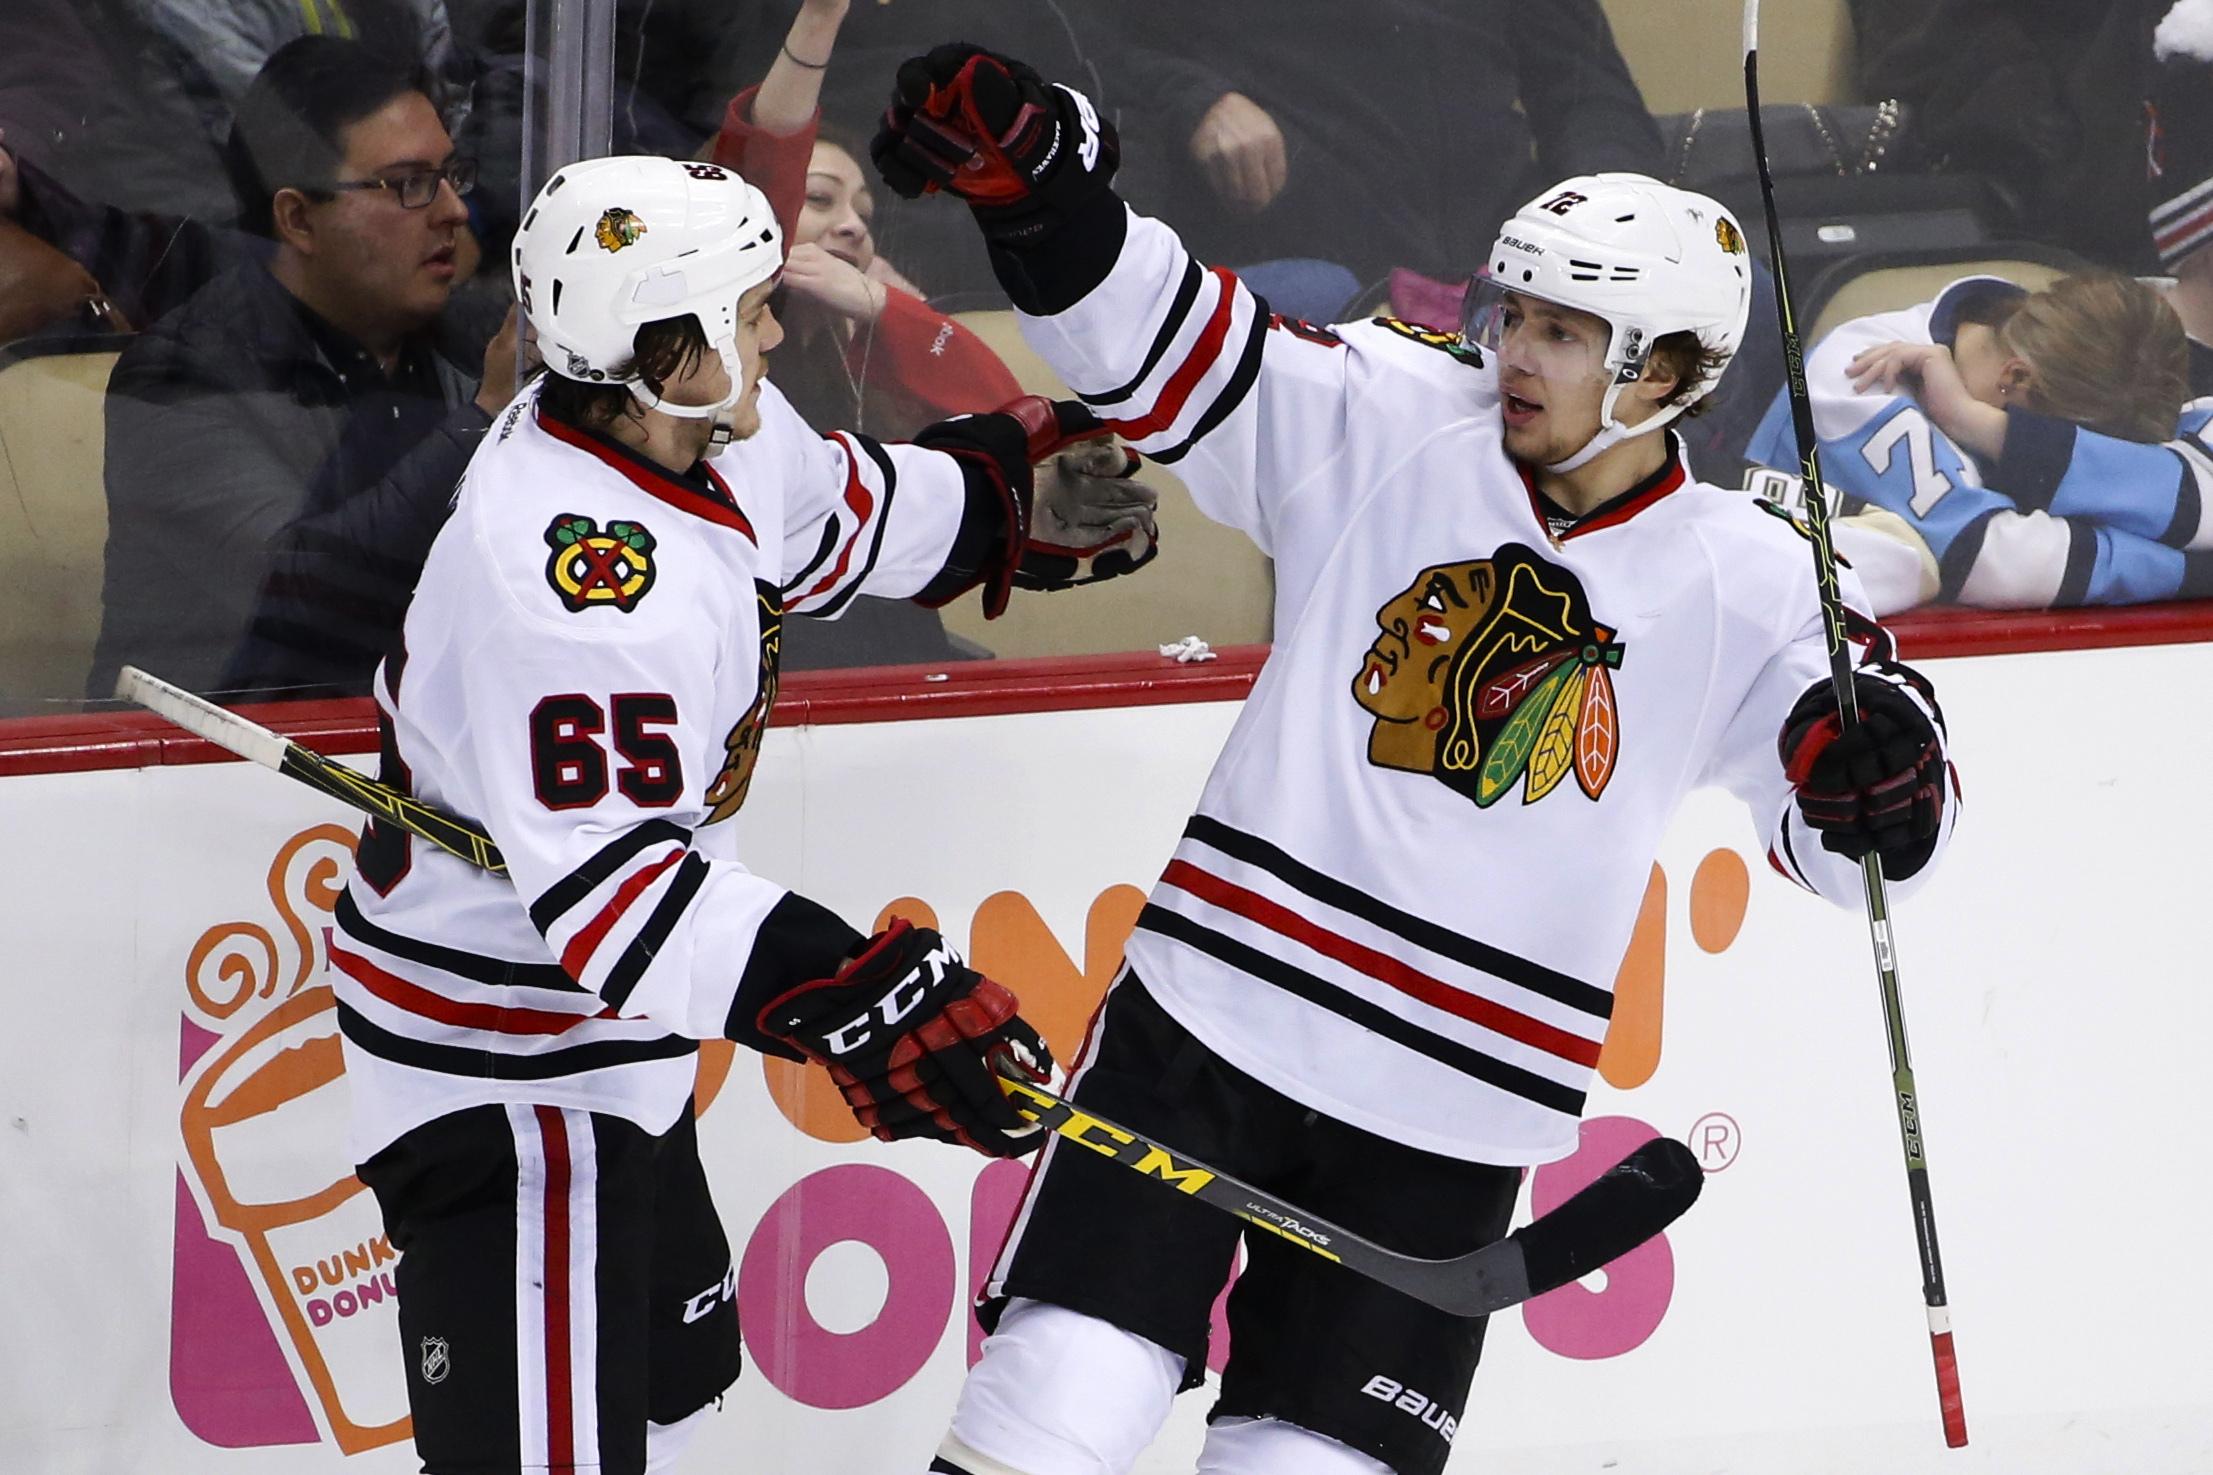 blackhawks_penguins_hockey-a44f21c805c34_r9146.jpeg